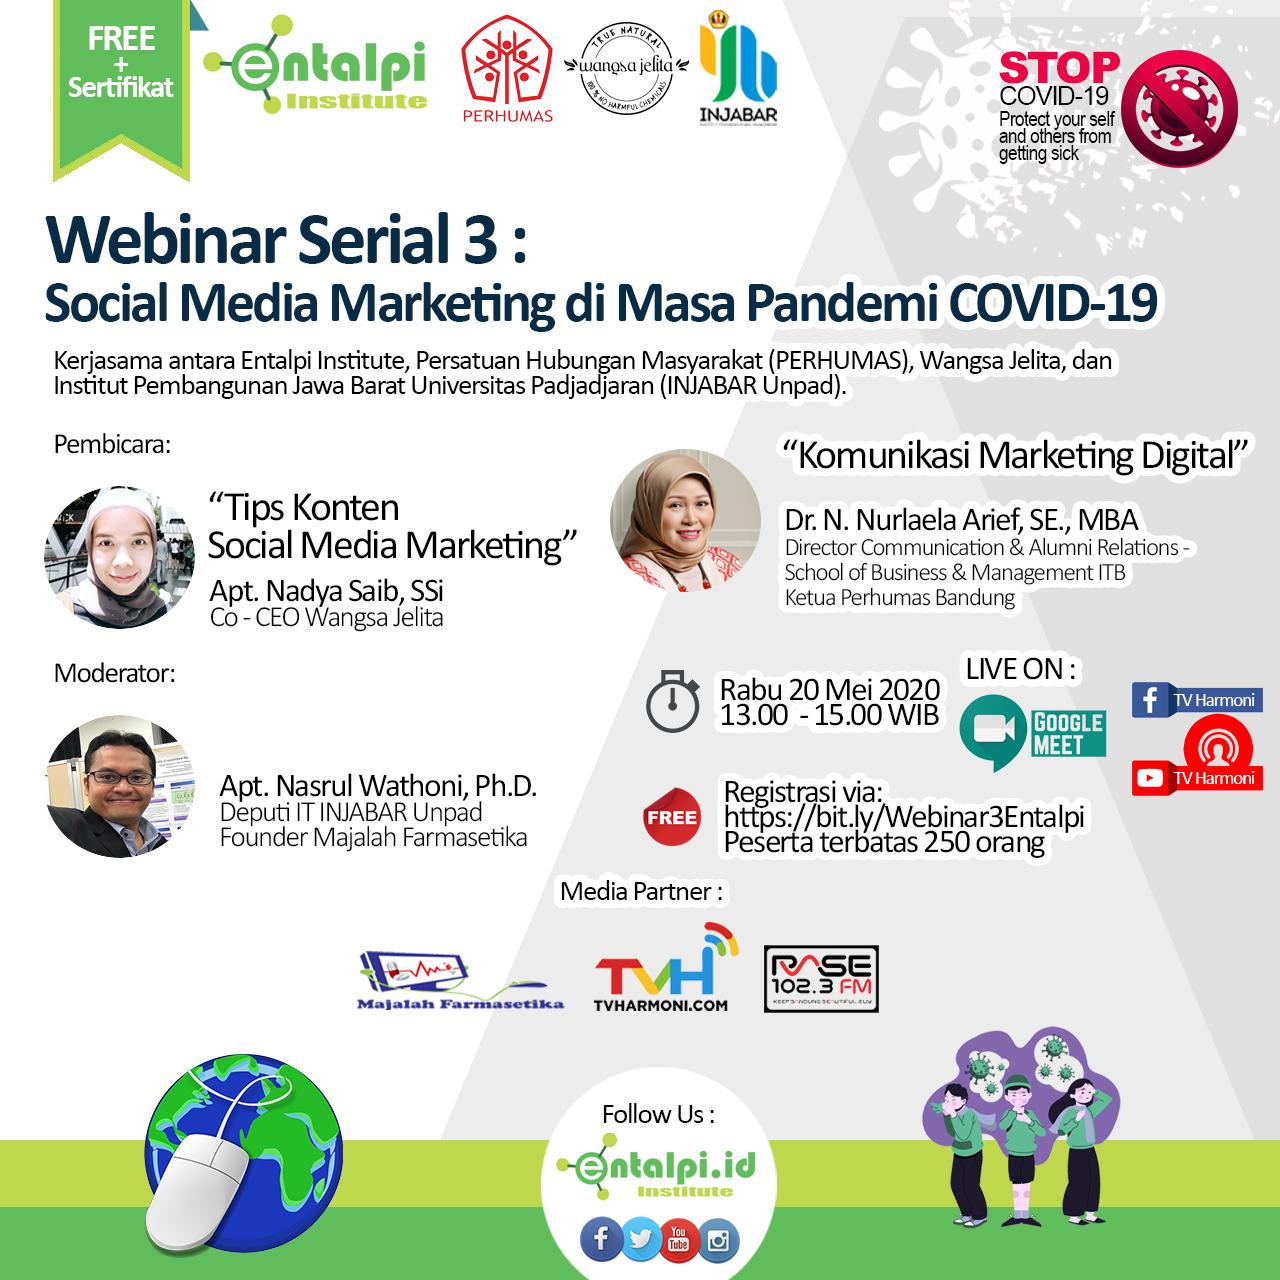 Webinar Seri 3 : Social Media Marketing di Masa Pandemi COVID-19